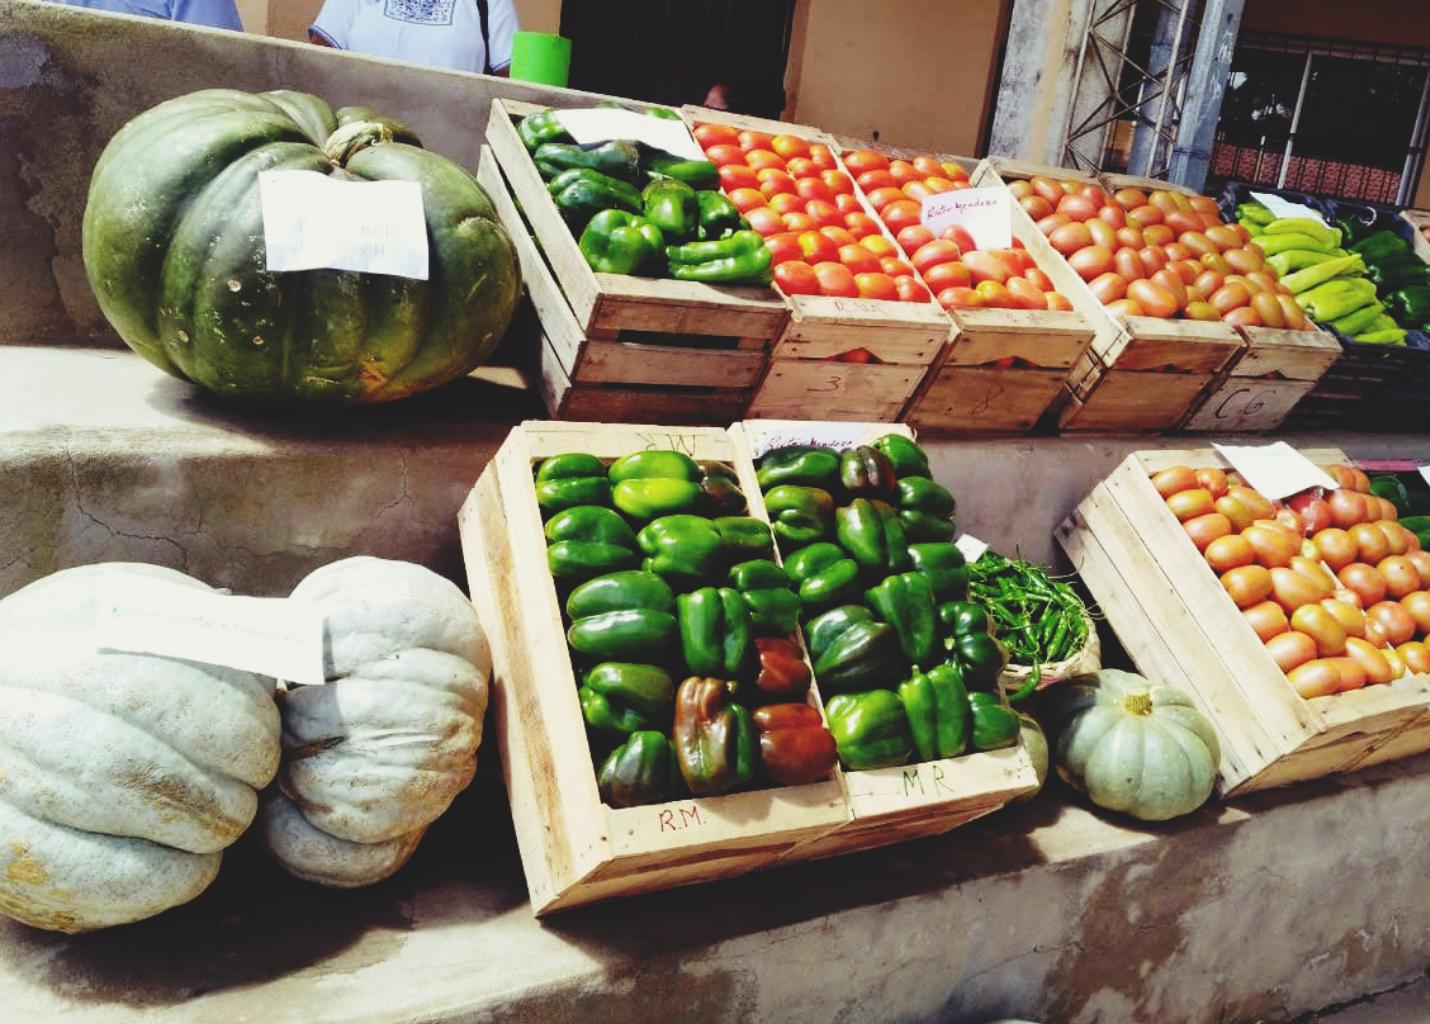 Verduras en exposición en la comunidad de Pampa Rendonda